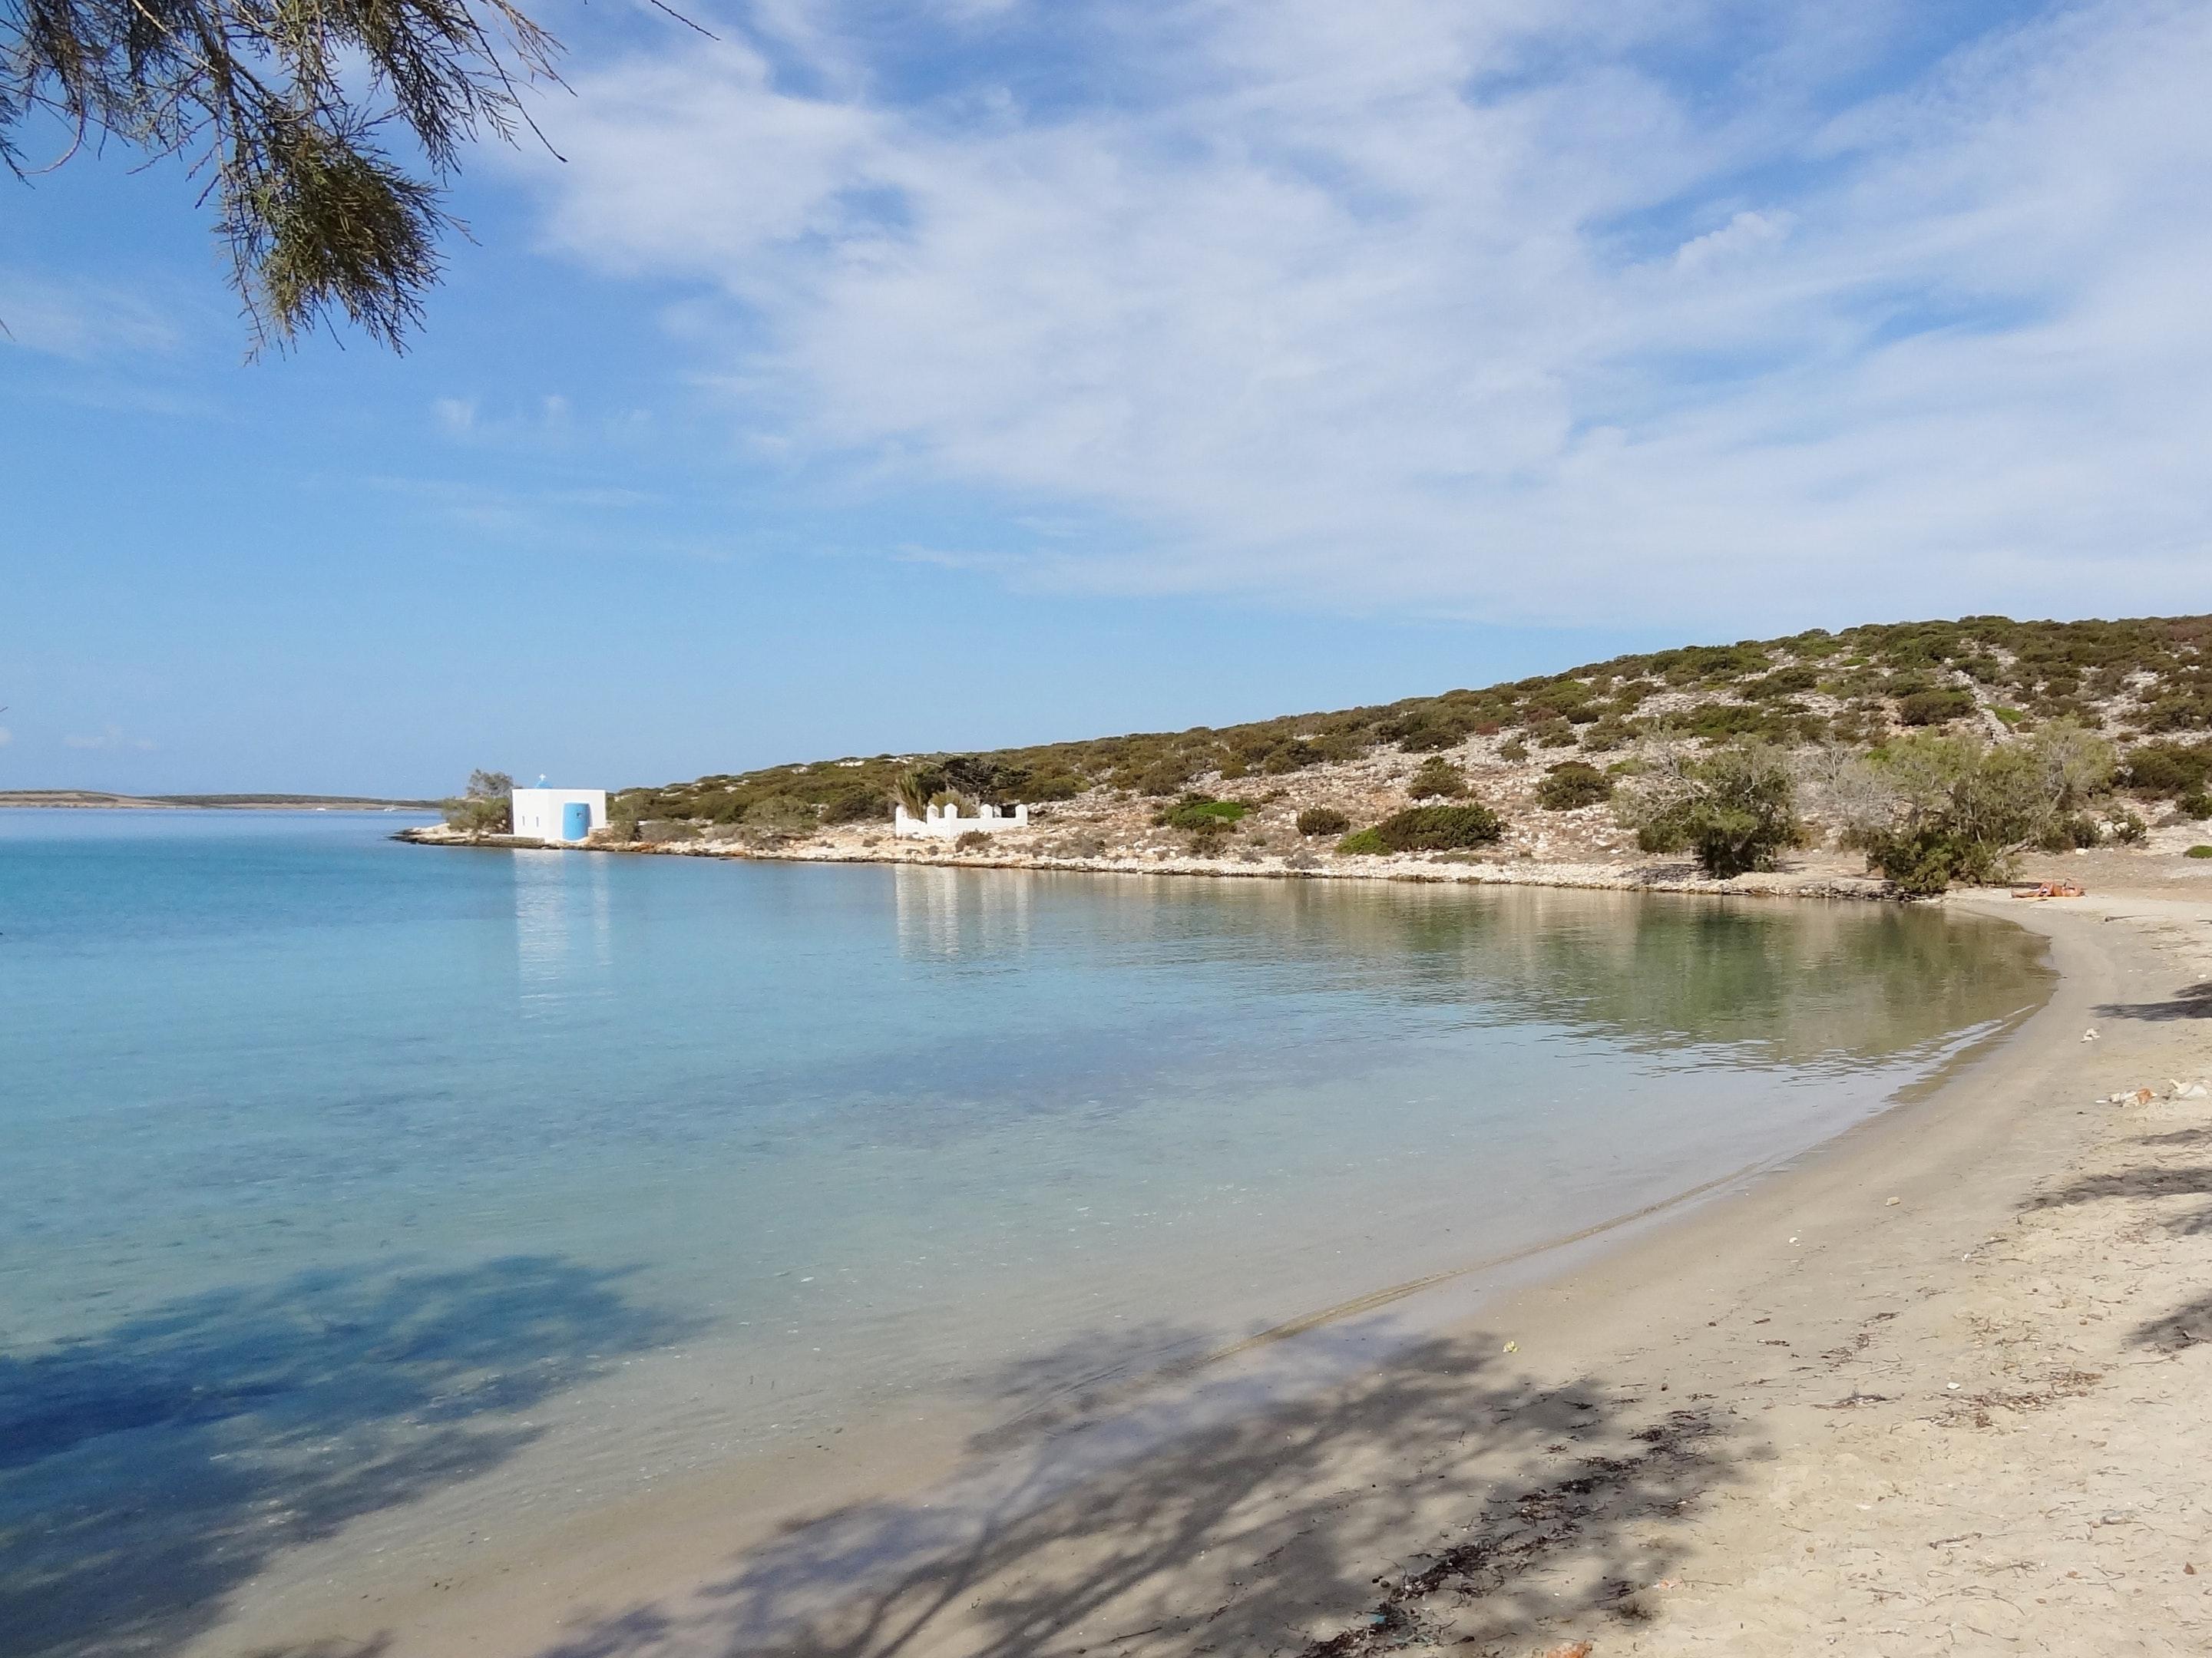 Holiday house Villa mit 3 Schlafzimmern in Paros mit herrlichem Meerblick, Pool und W-LAN - 1 km vom Str (2201537), Paros, Paros, Cyclades, Greece, picture 17